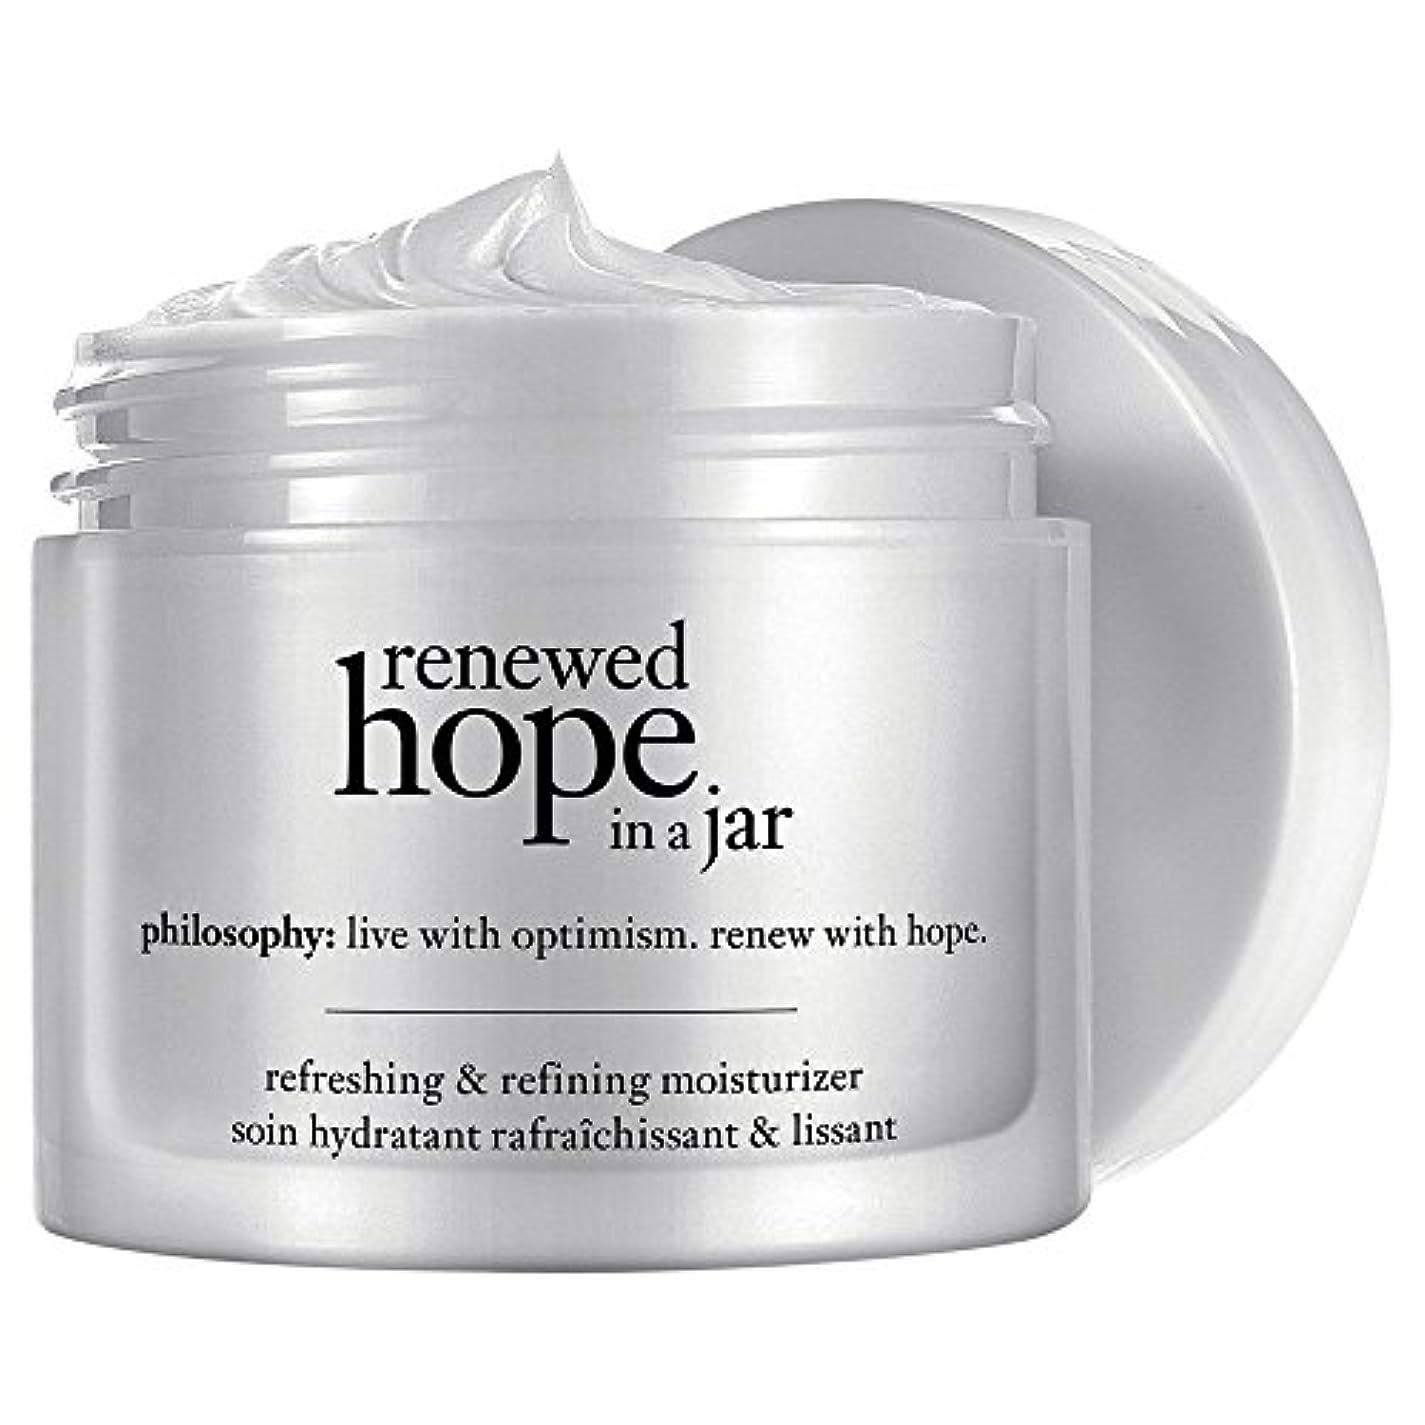 複製する所有権ゴミ箱瓶内の哲学新たな希望を、60ミリリットル (Philosophy) - Philosophy Renewed Hope In a Jar, 60ml [並行輸入品]